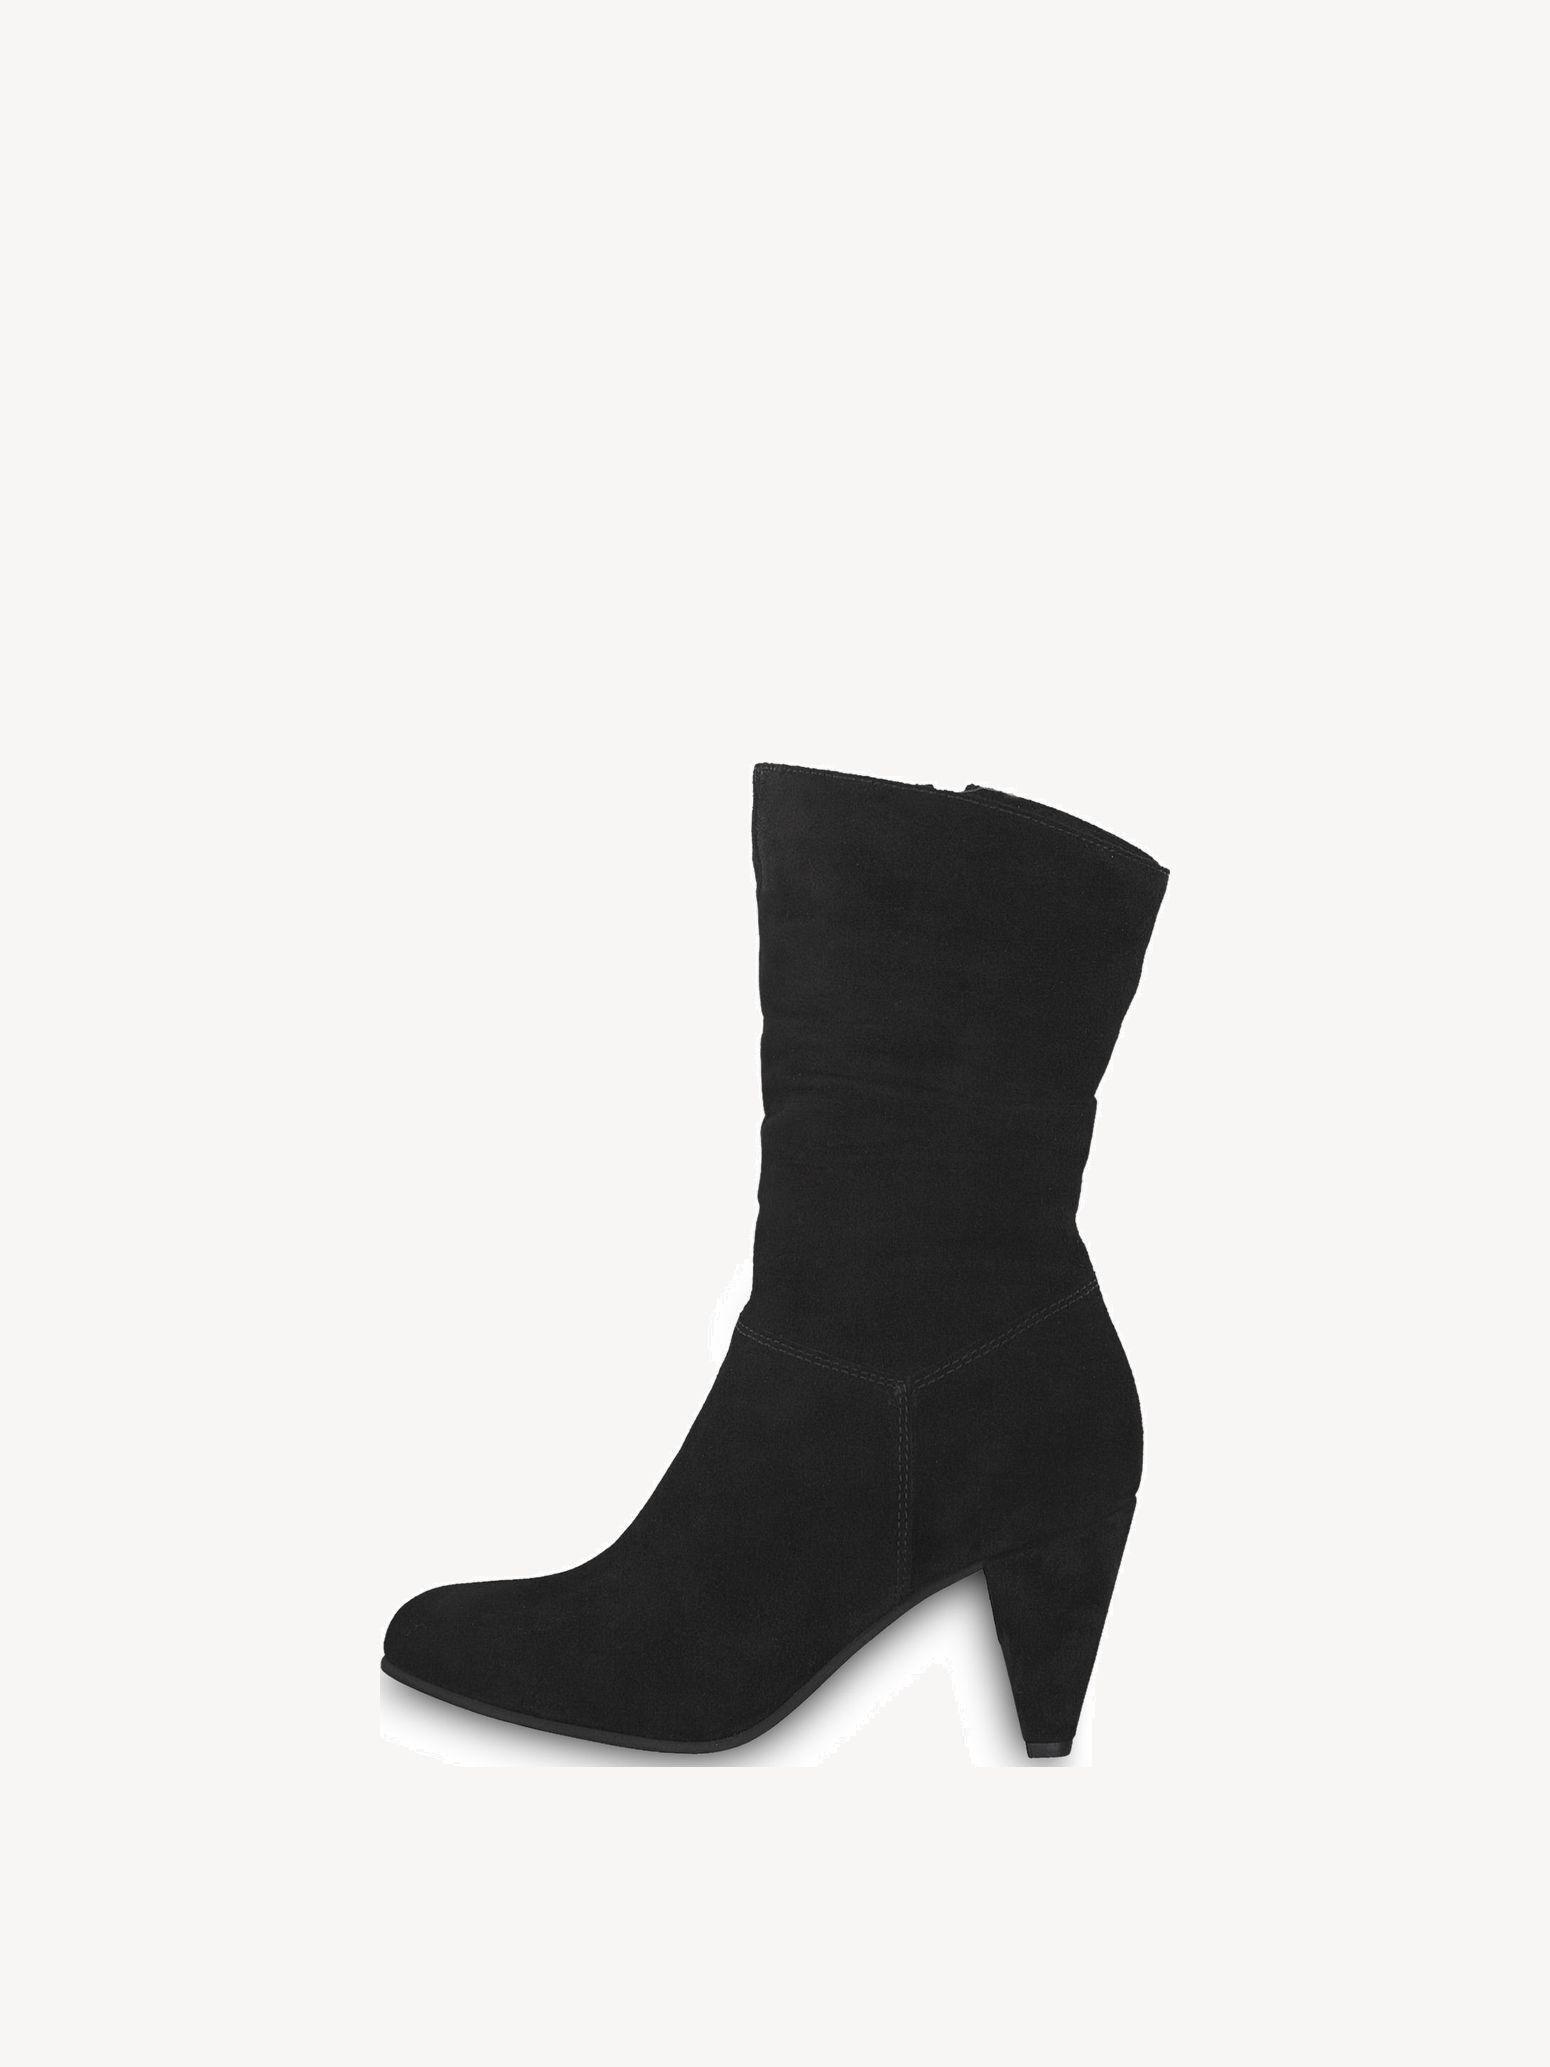 Reduziert Und Schuhe Schmuck Sale Kaufen Taschen Tamaris qA0Xx0